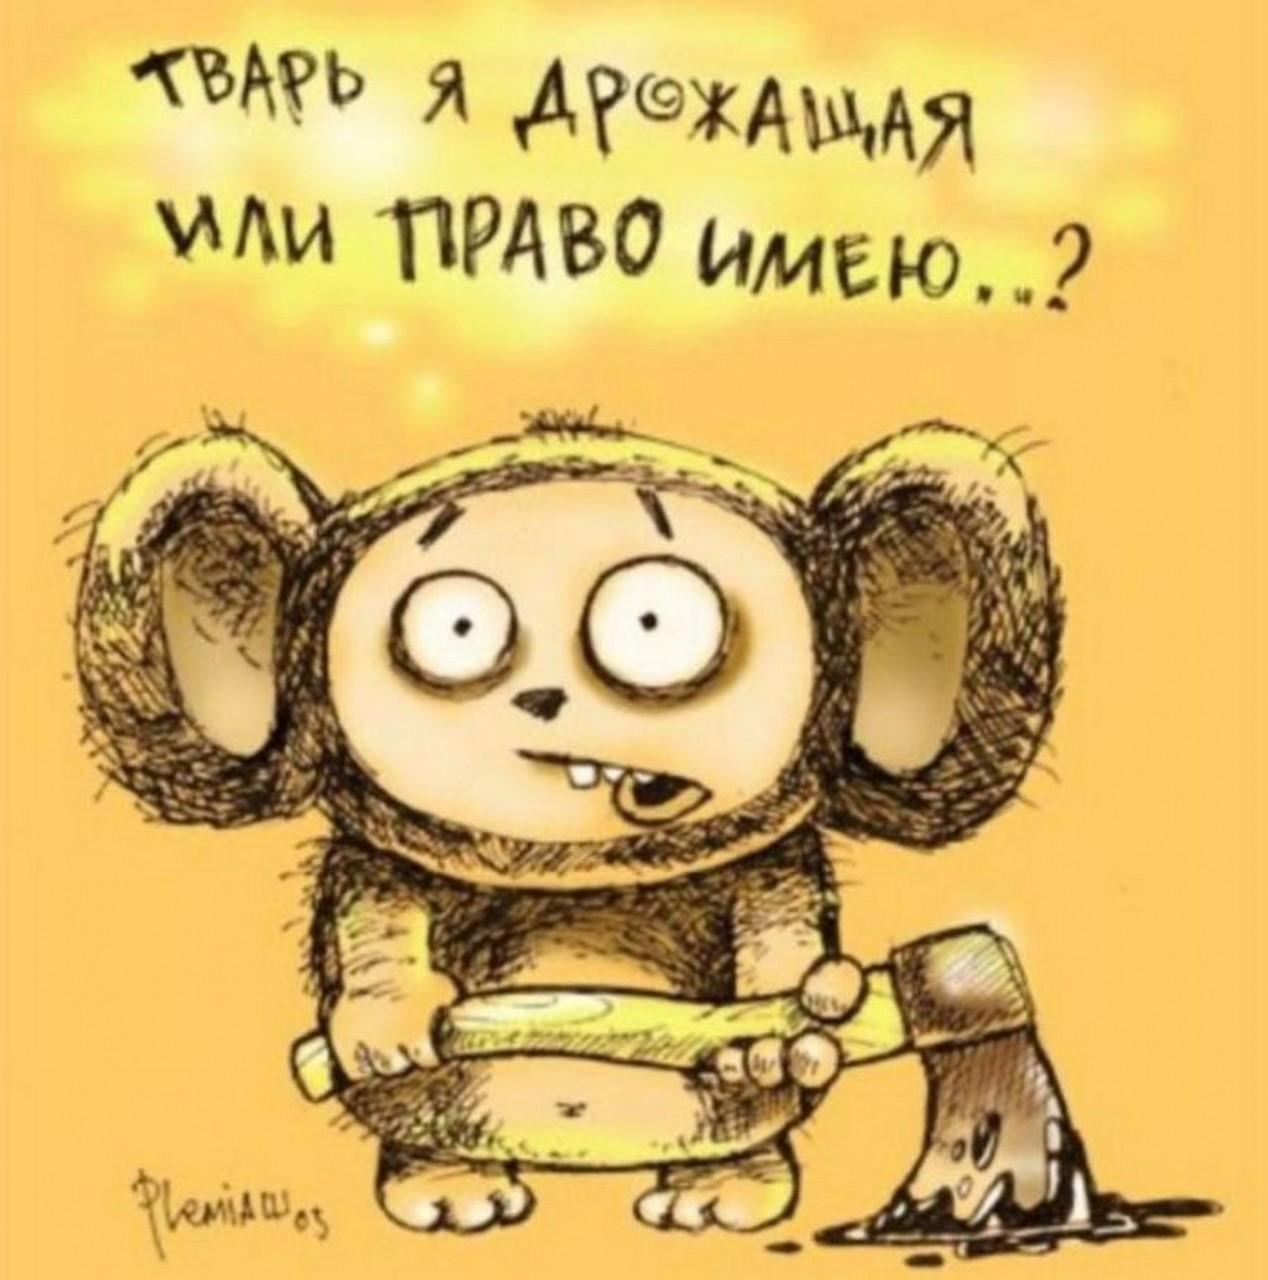 Юлия Витязева: Твари дрожащие под маской «гражданского общества»